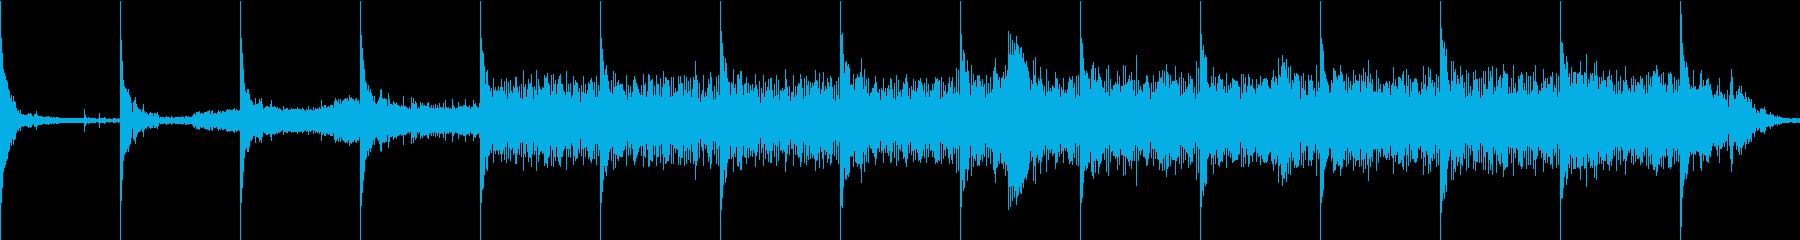 緊張感、機械音、ホラー系ループ素材の再生済みの波形